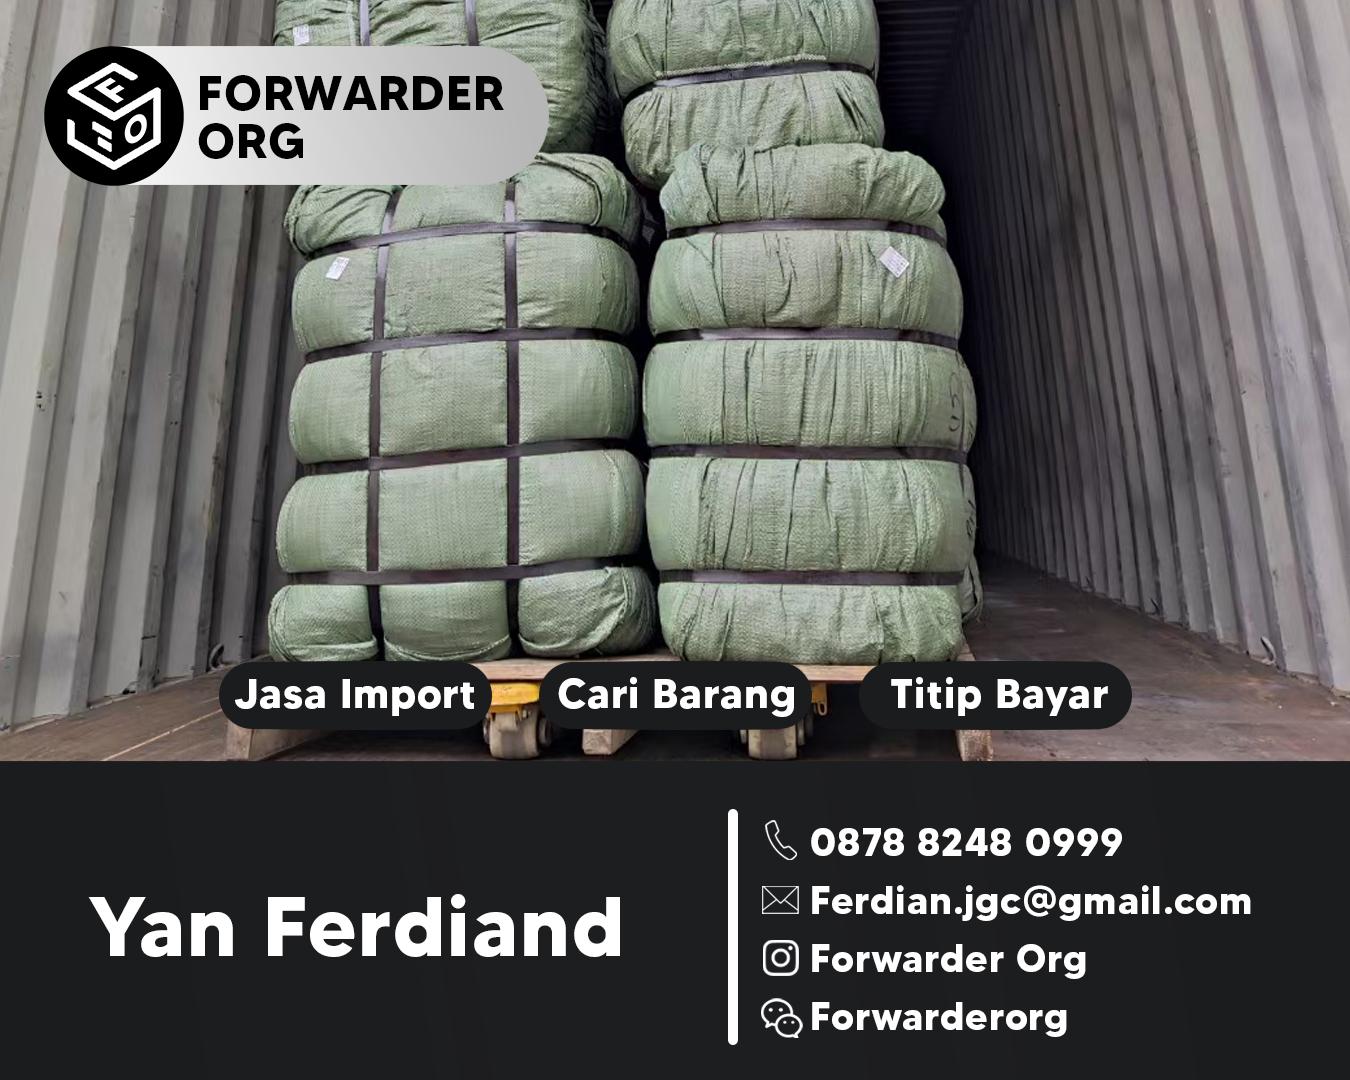 Jasa Import dari China Murah dan Pengiriman Cepat | FORWARDER ORG